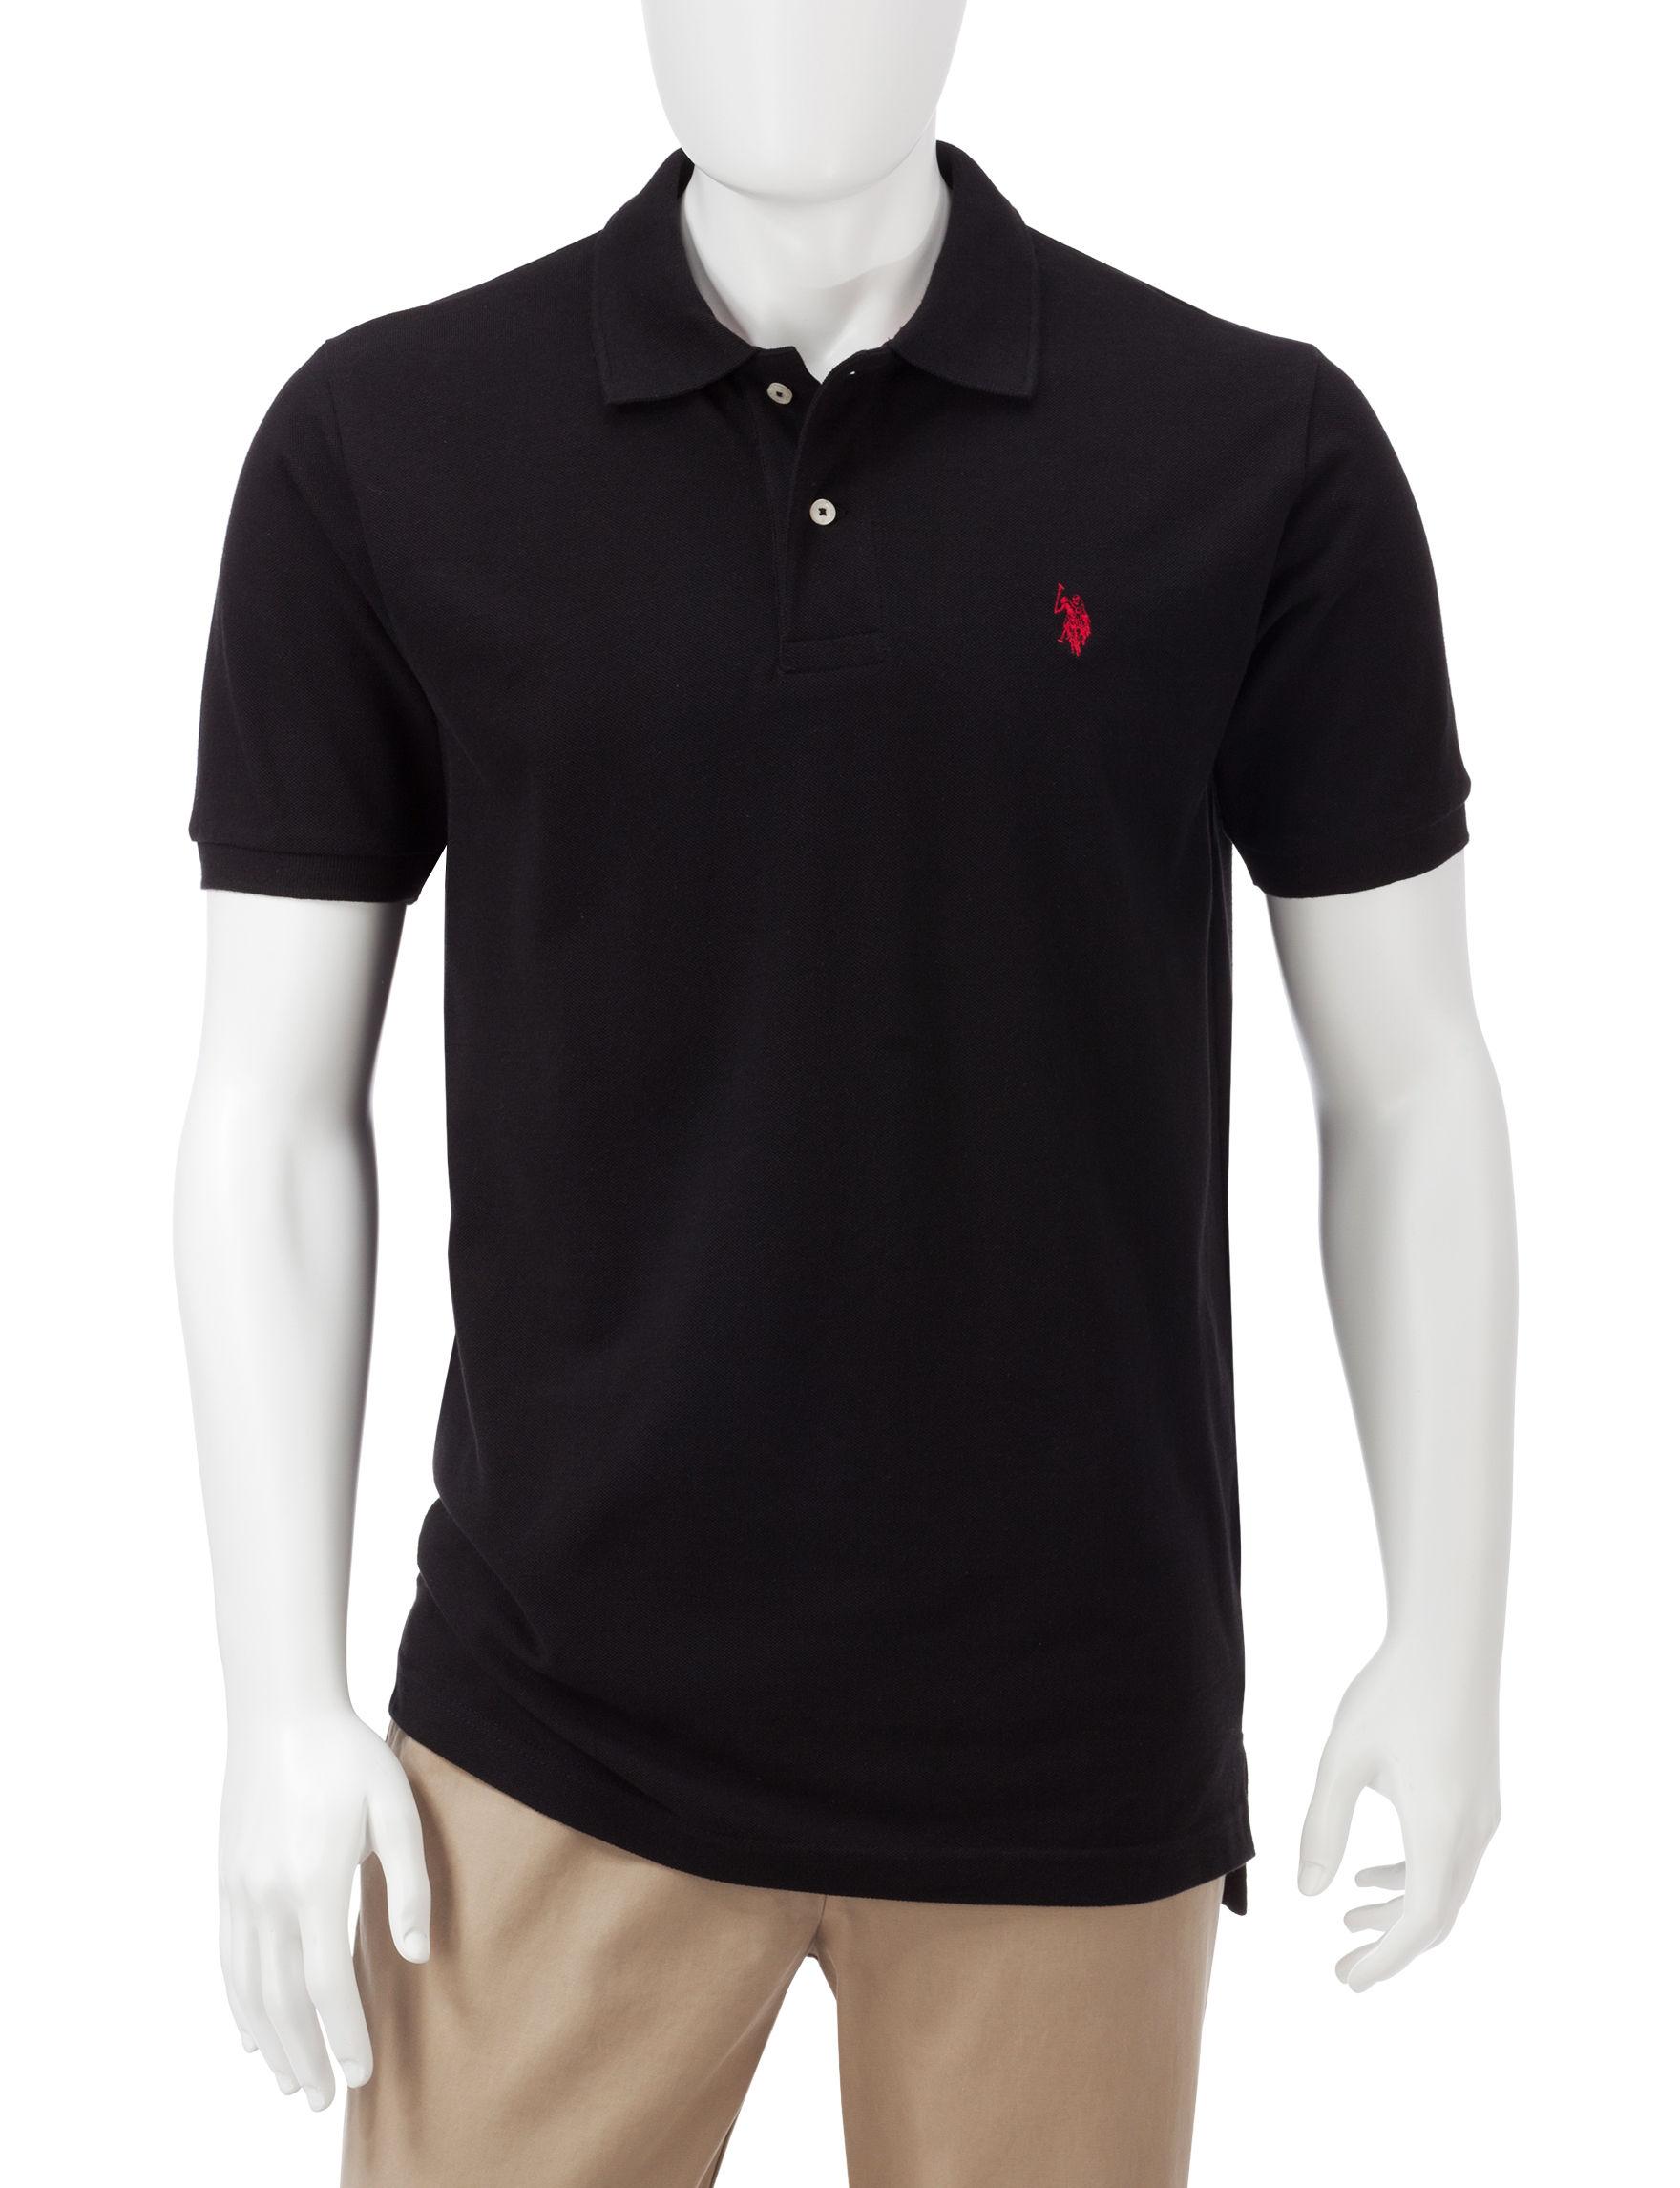 U.S. Polo Assn. Solid Color Piqu Polo Shirt - Black - L - U.S. Polo Assn.